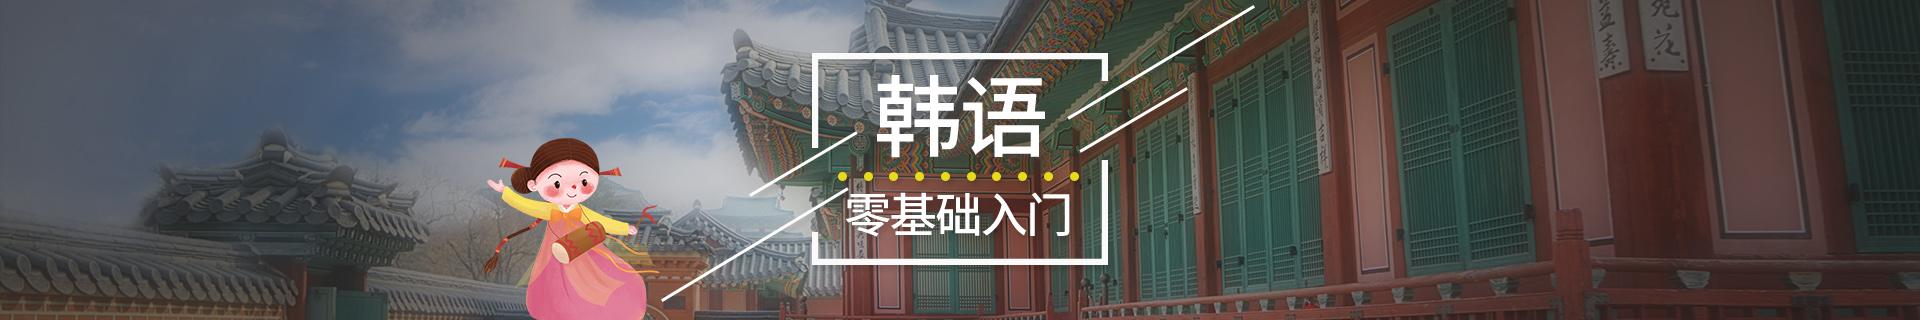 南京新街口欧风小语种培训学校